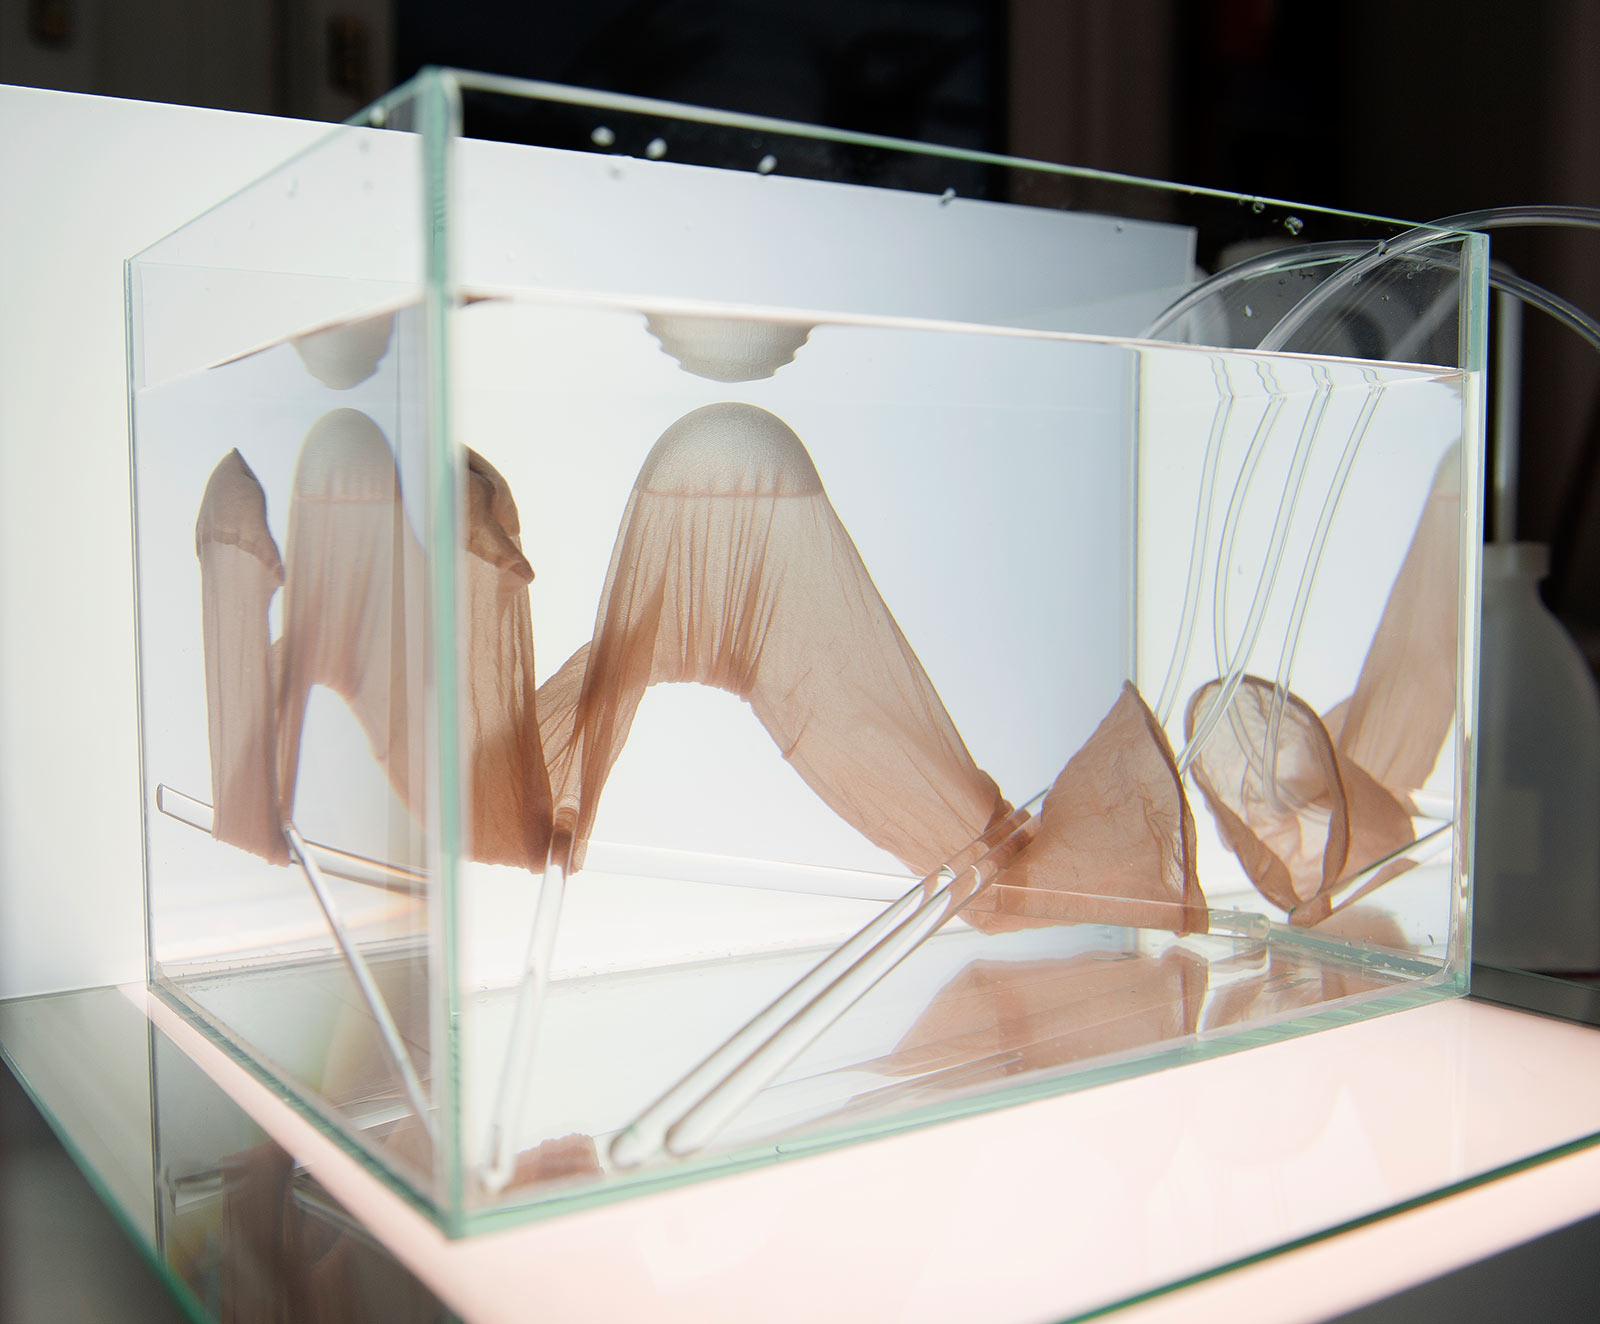 In einem mit destillatgleichem Wasser gefüllten Glasaquarium wurde ein Strumpf mit Luft gefüllt, der an die Wasseroberfläche steigt